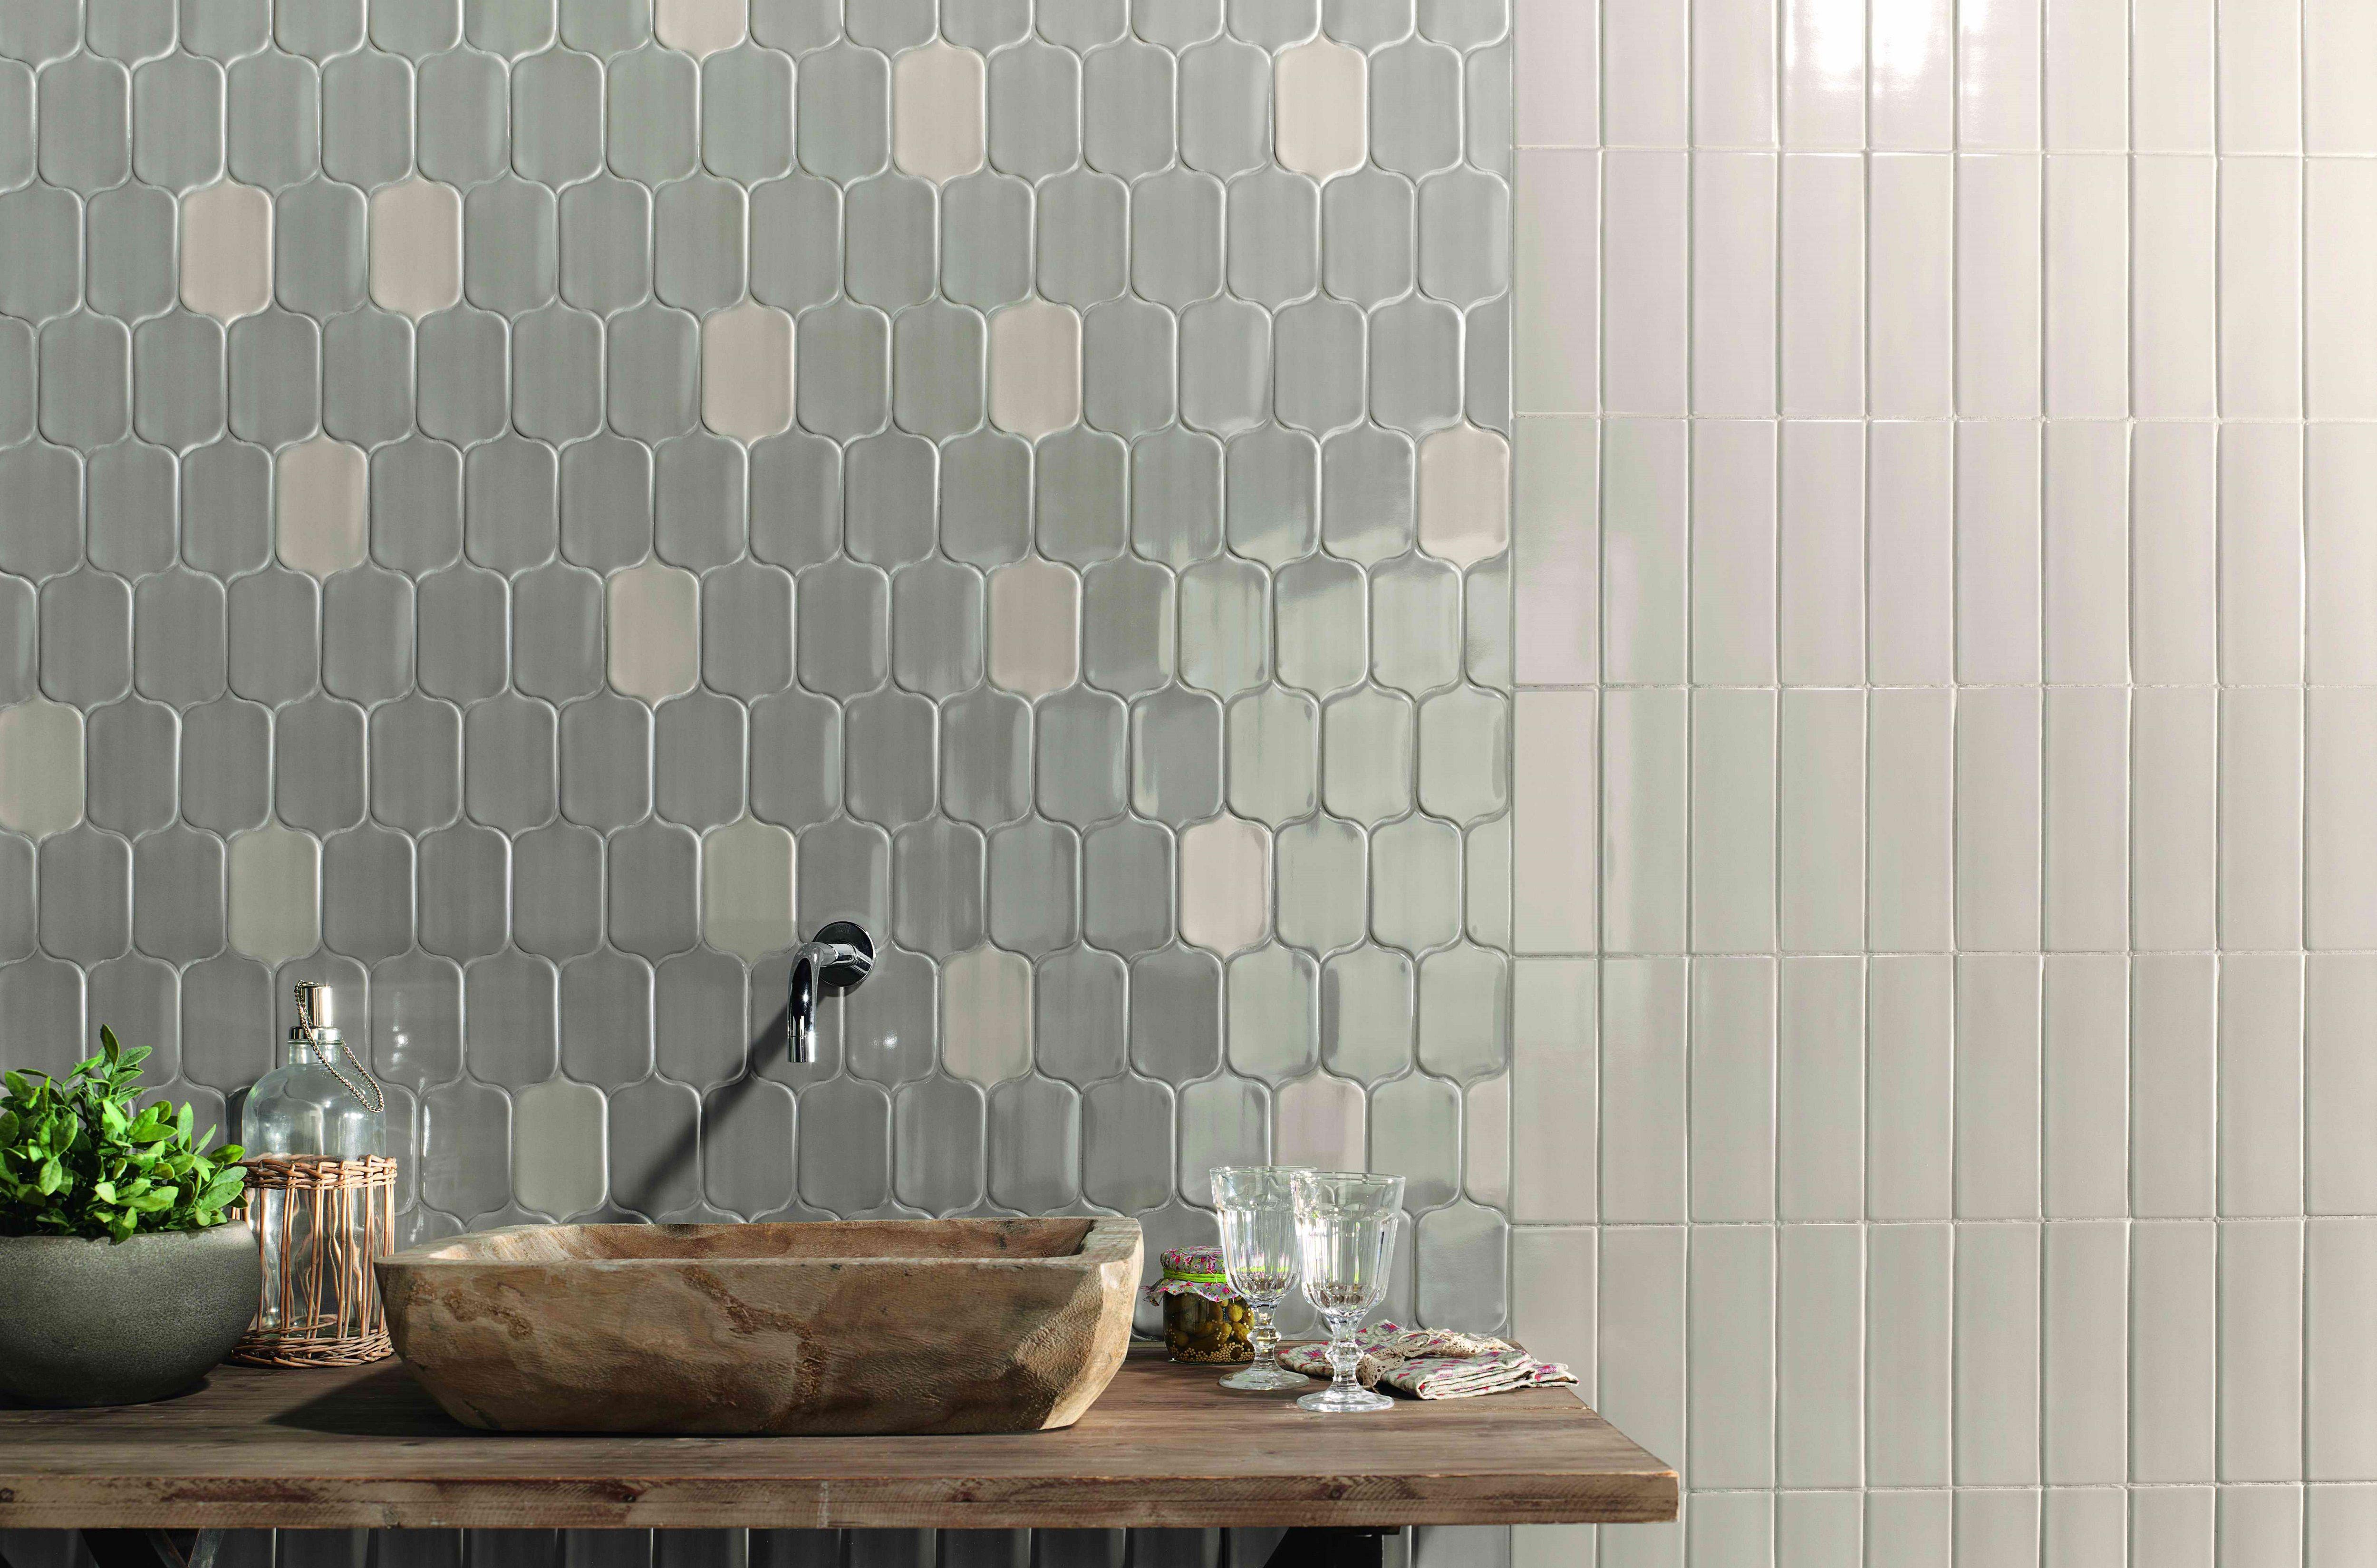 Tegels Met Patroon : Keramische zelliges met patroon in honingraat tegels wandtegels